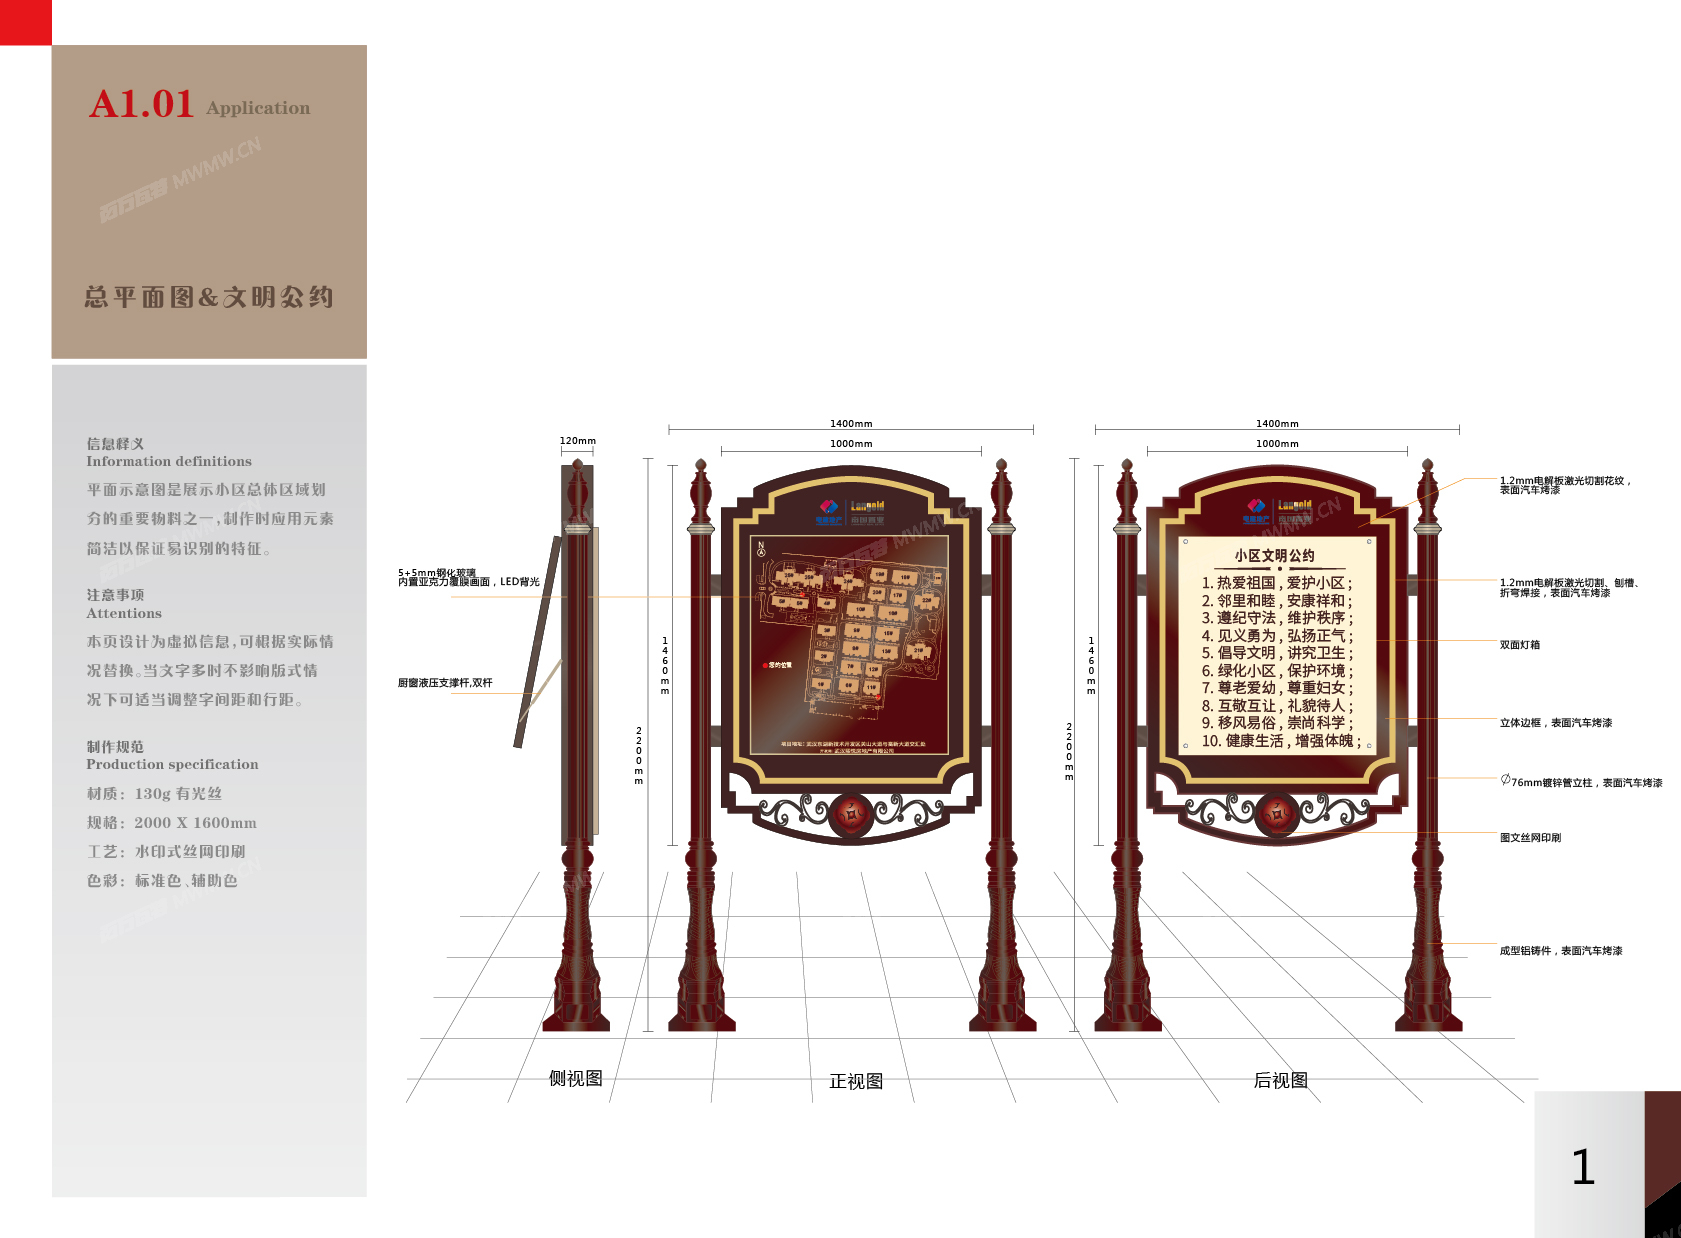 泷悦华府环境导视系统设计方案3.0cs520180112-01.jpg